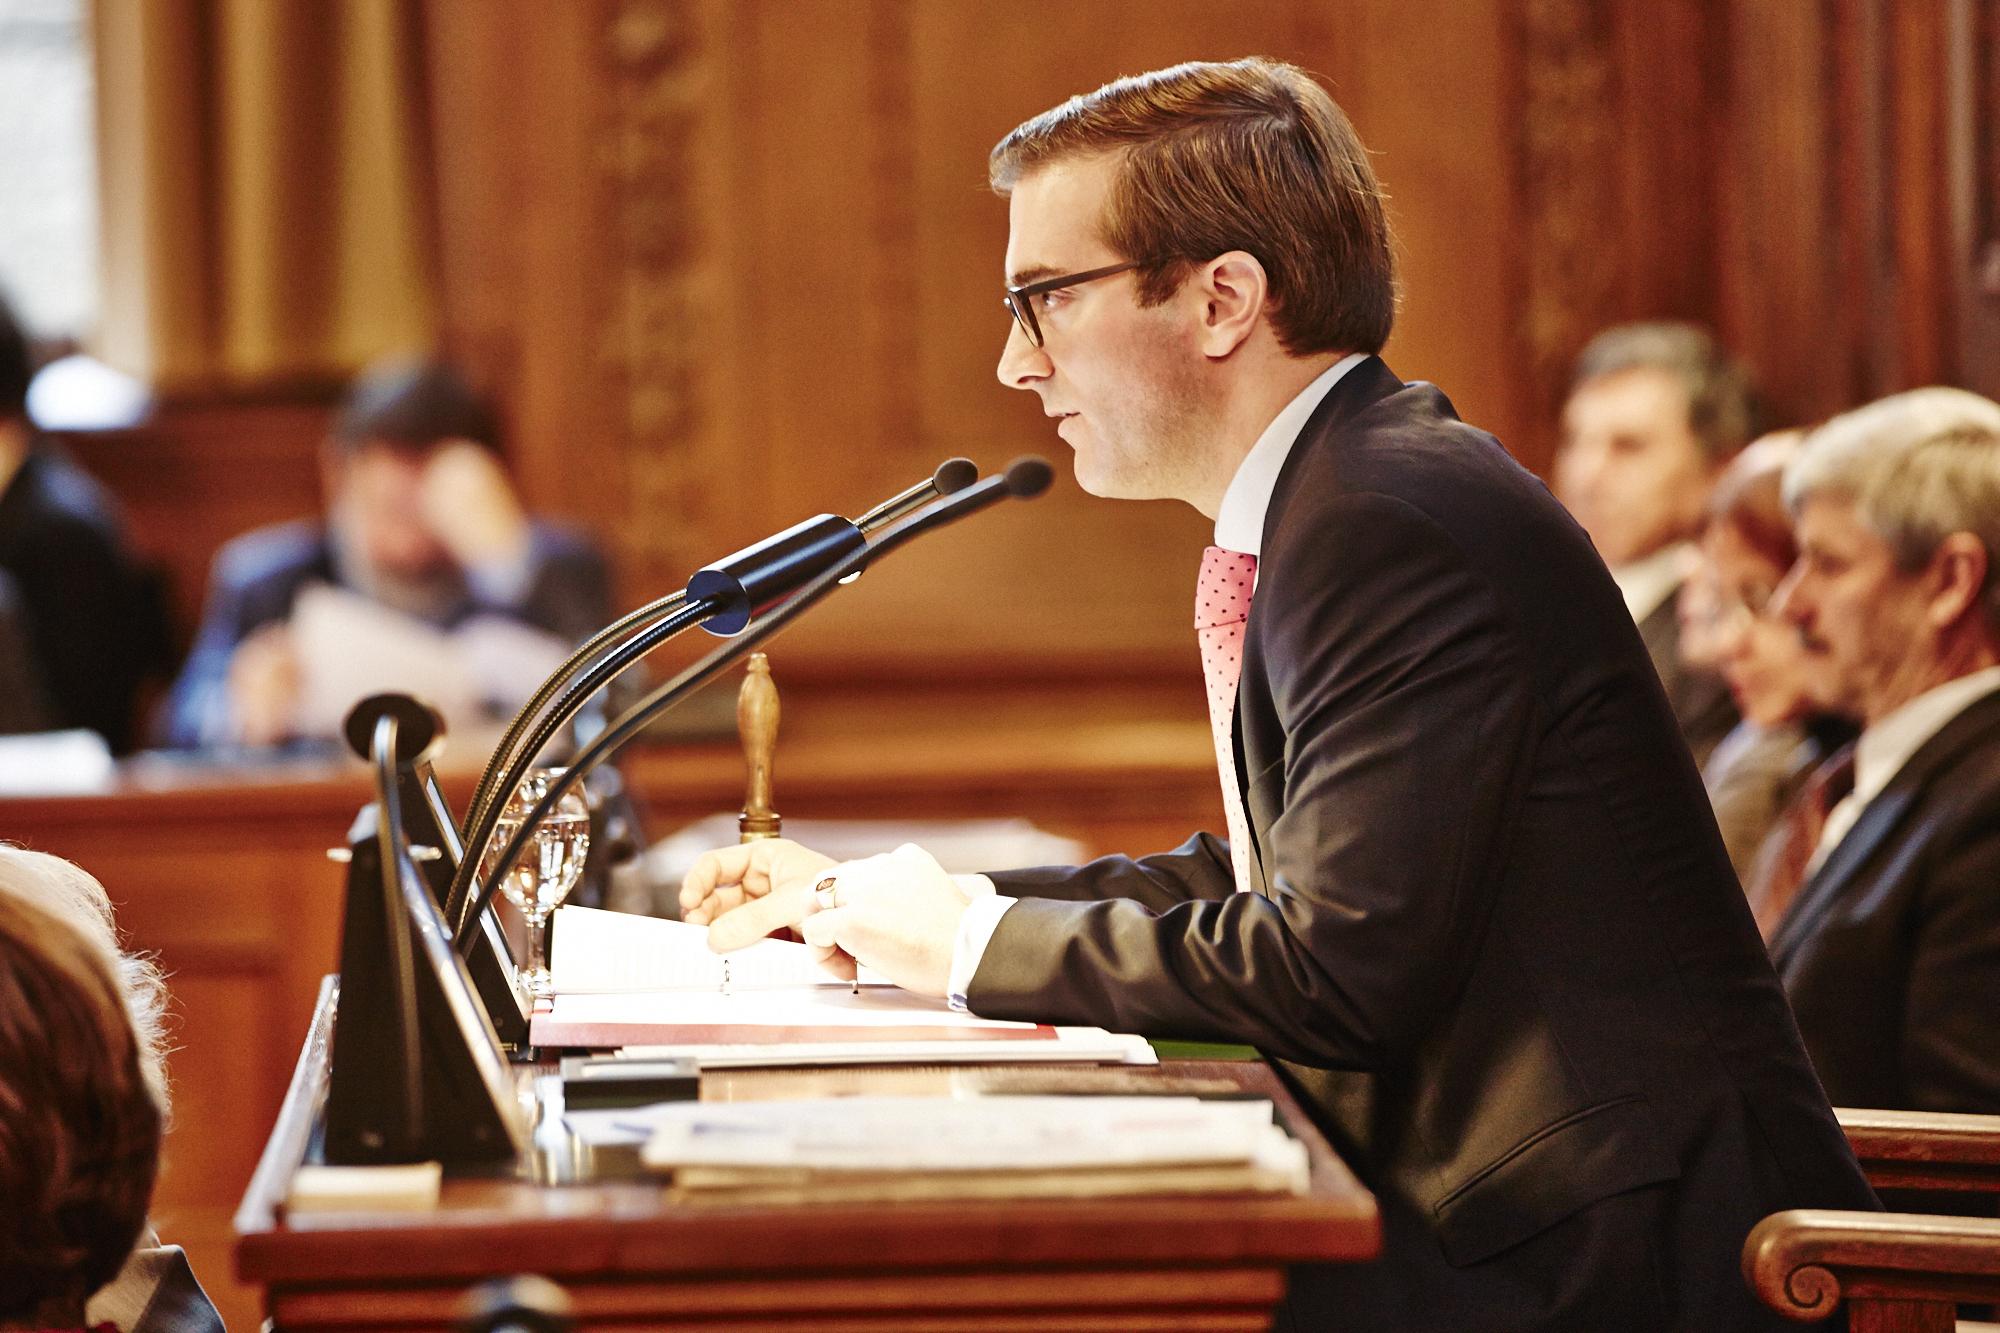 Conradin Cramer wurde fürs Amtsjahr 2013/2014 mit 90 von 98 Stimmen zum höchsten Basler gewählt.